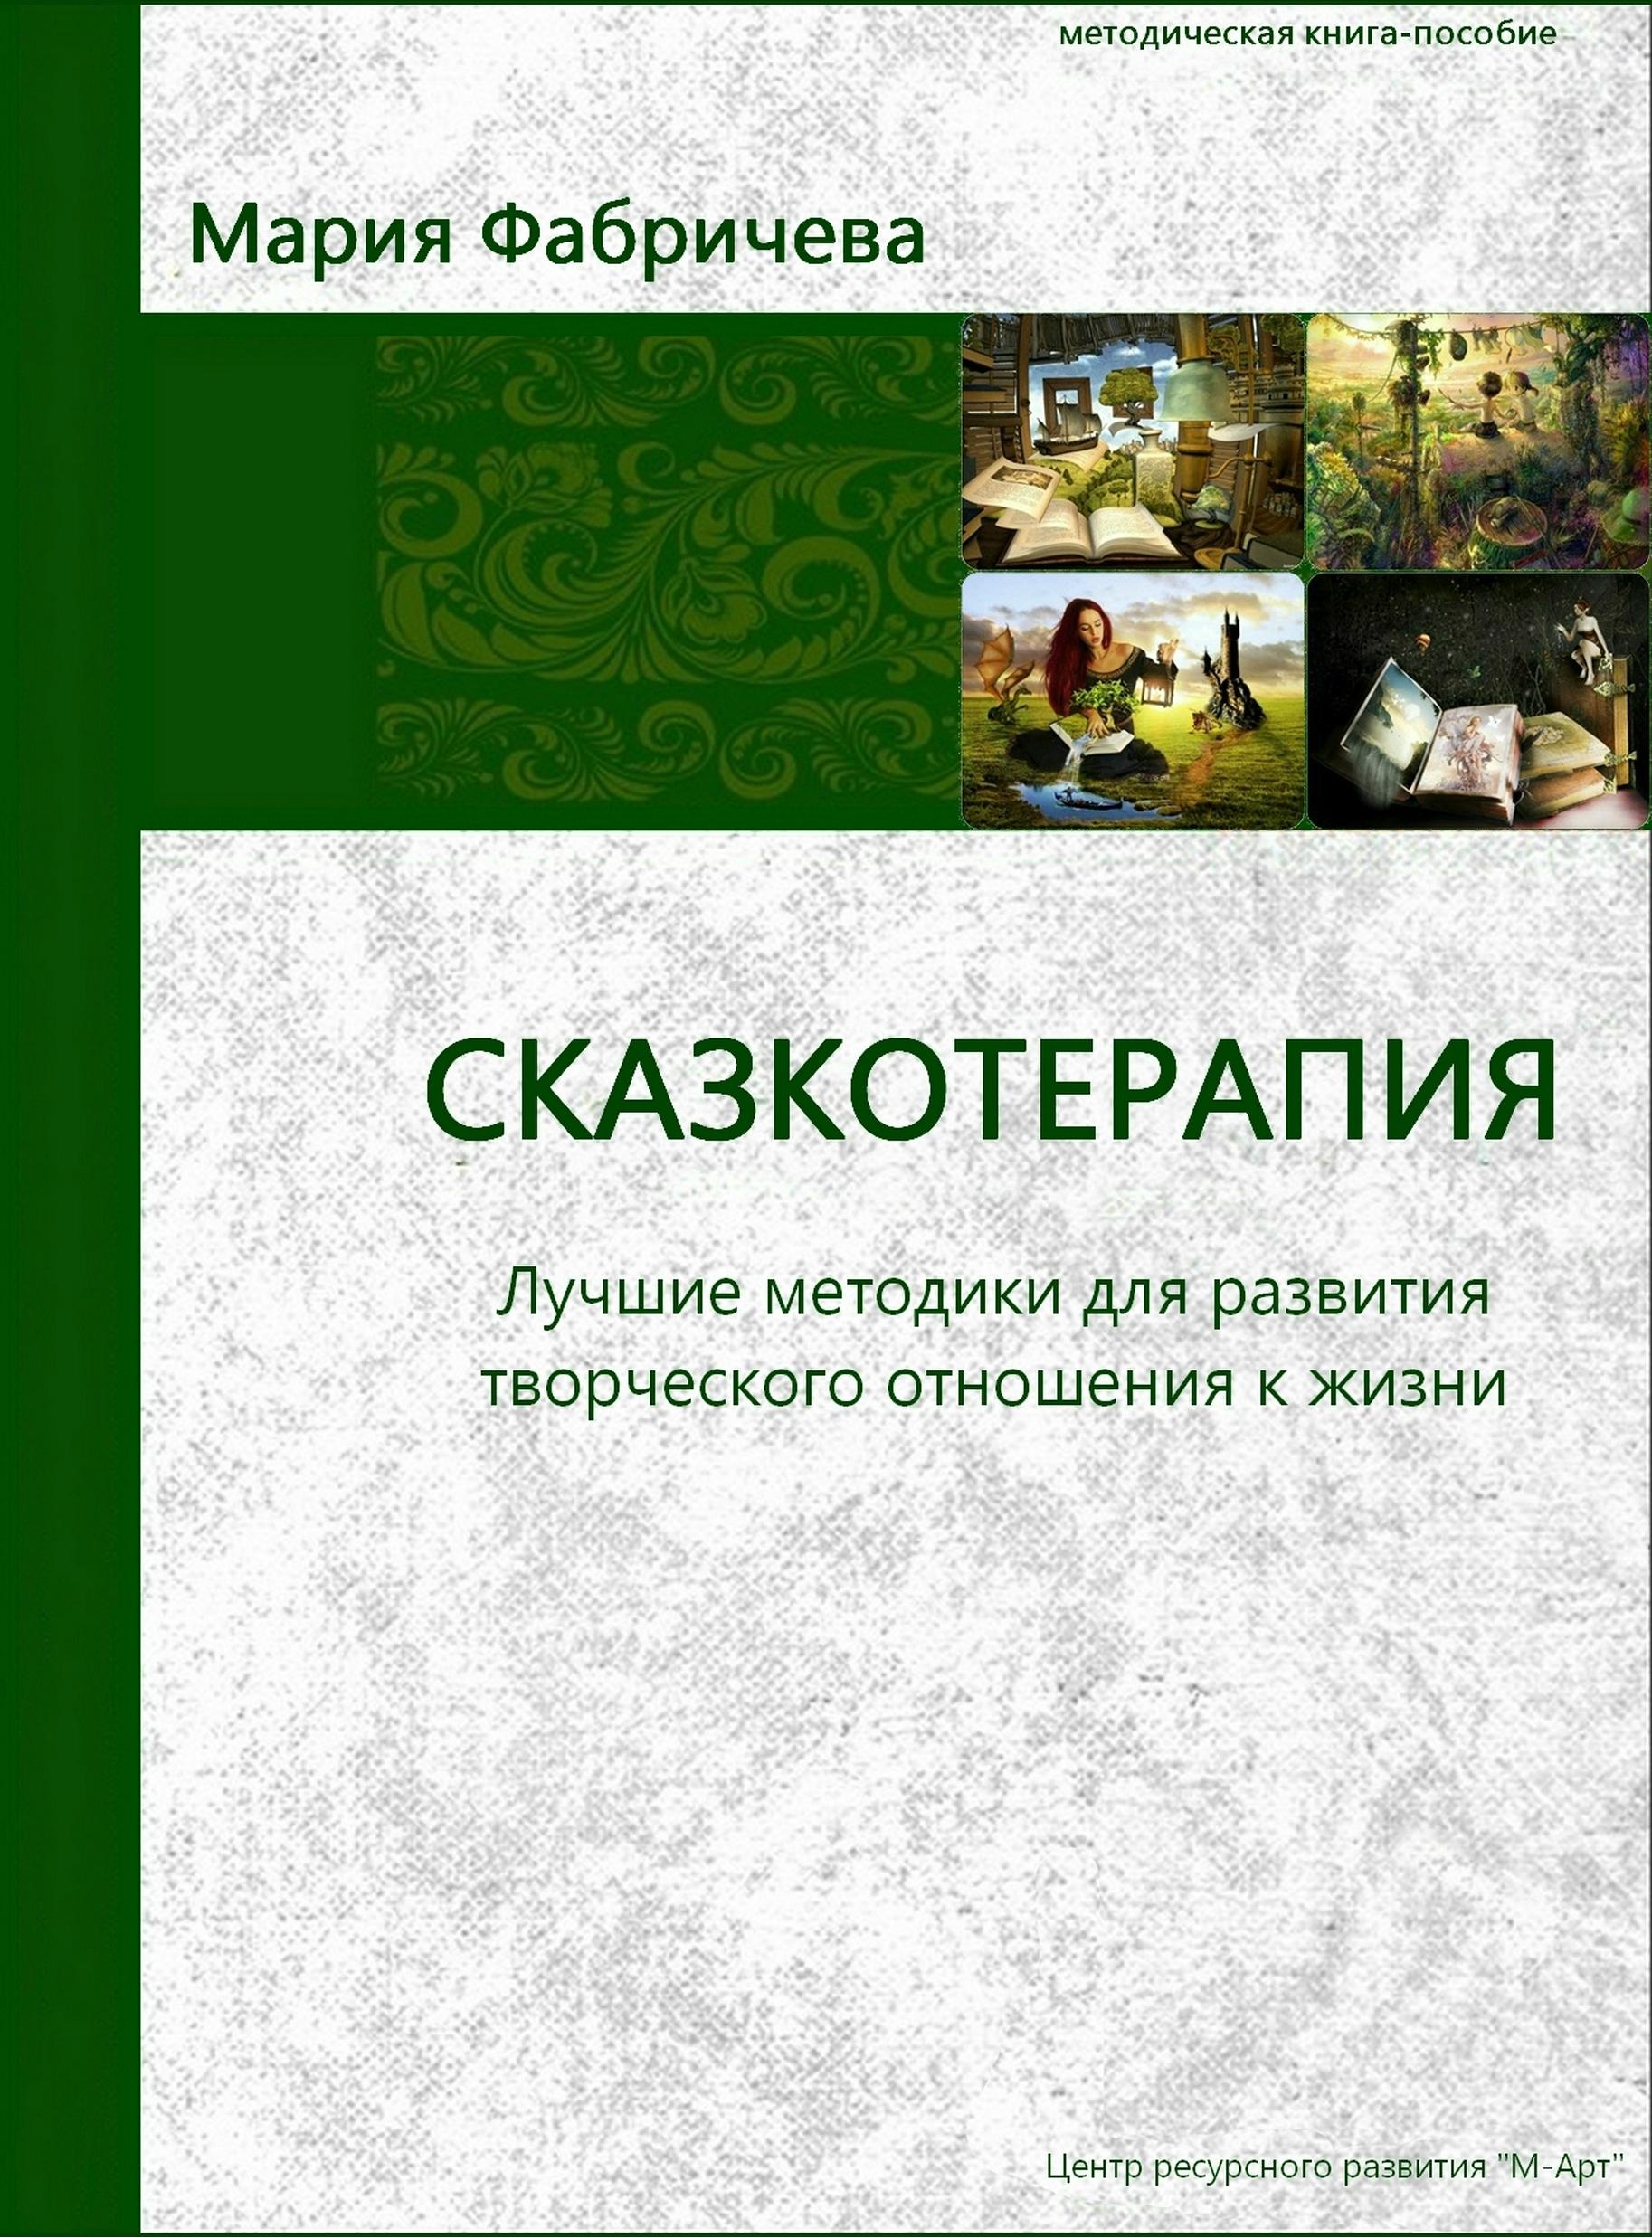 Круг вокруг знакомств в москве